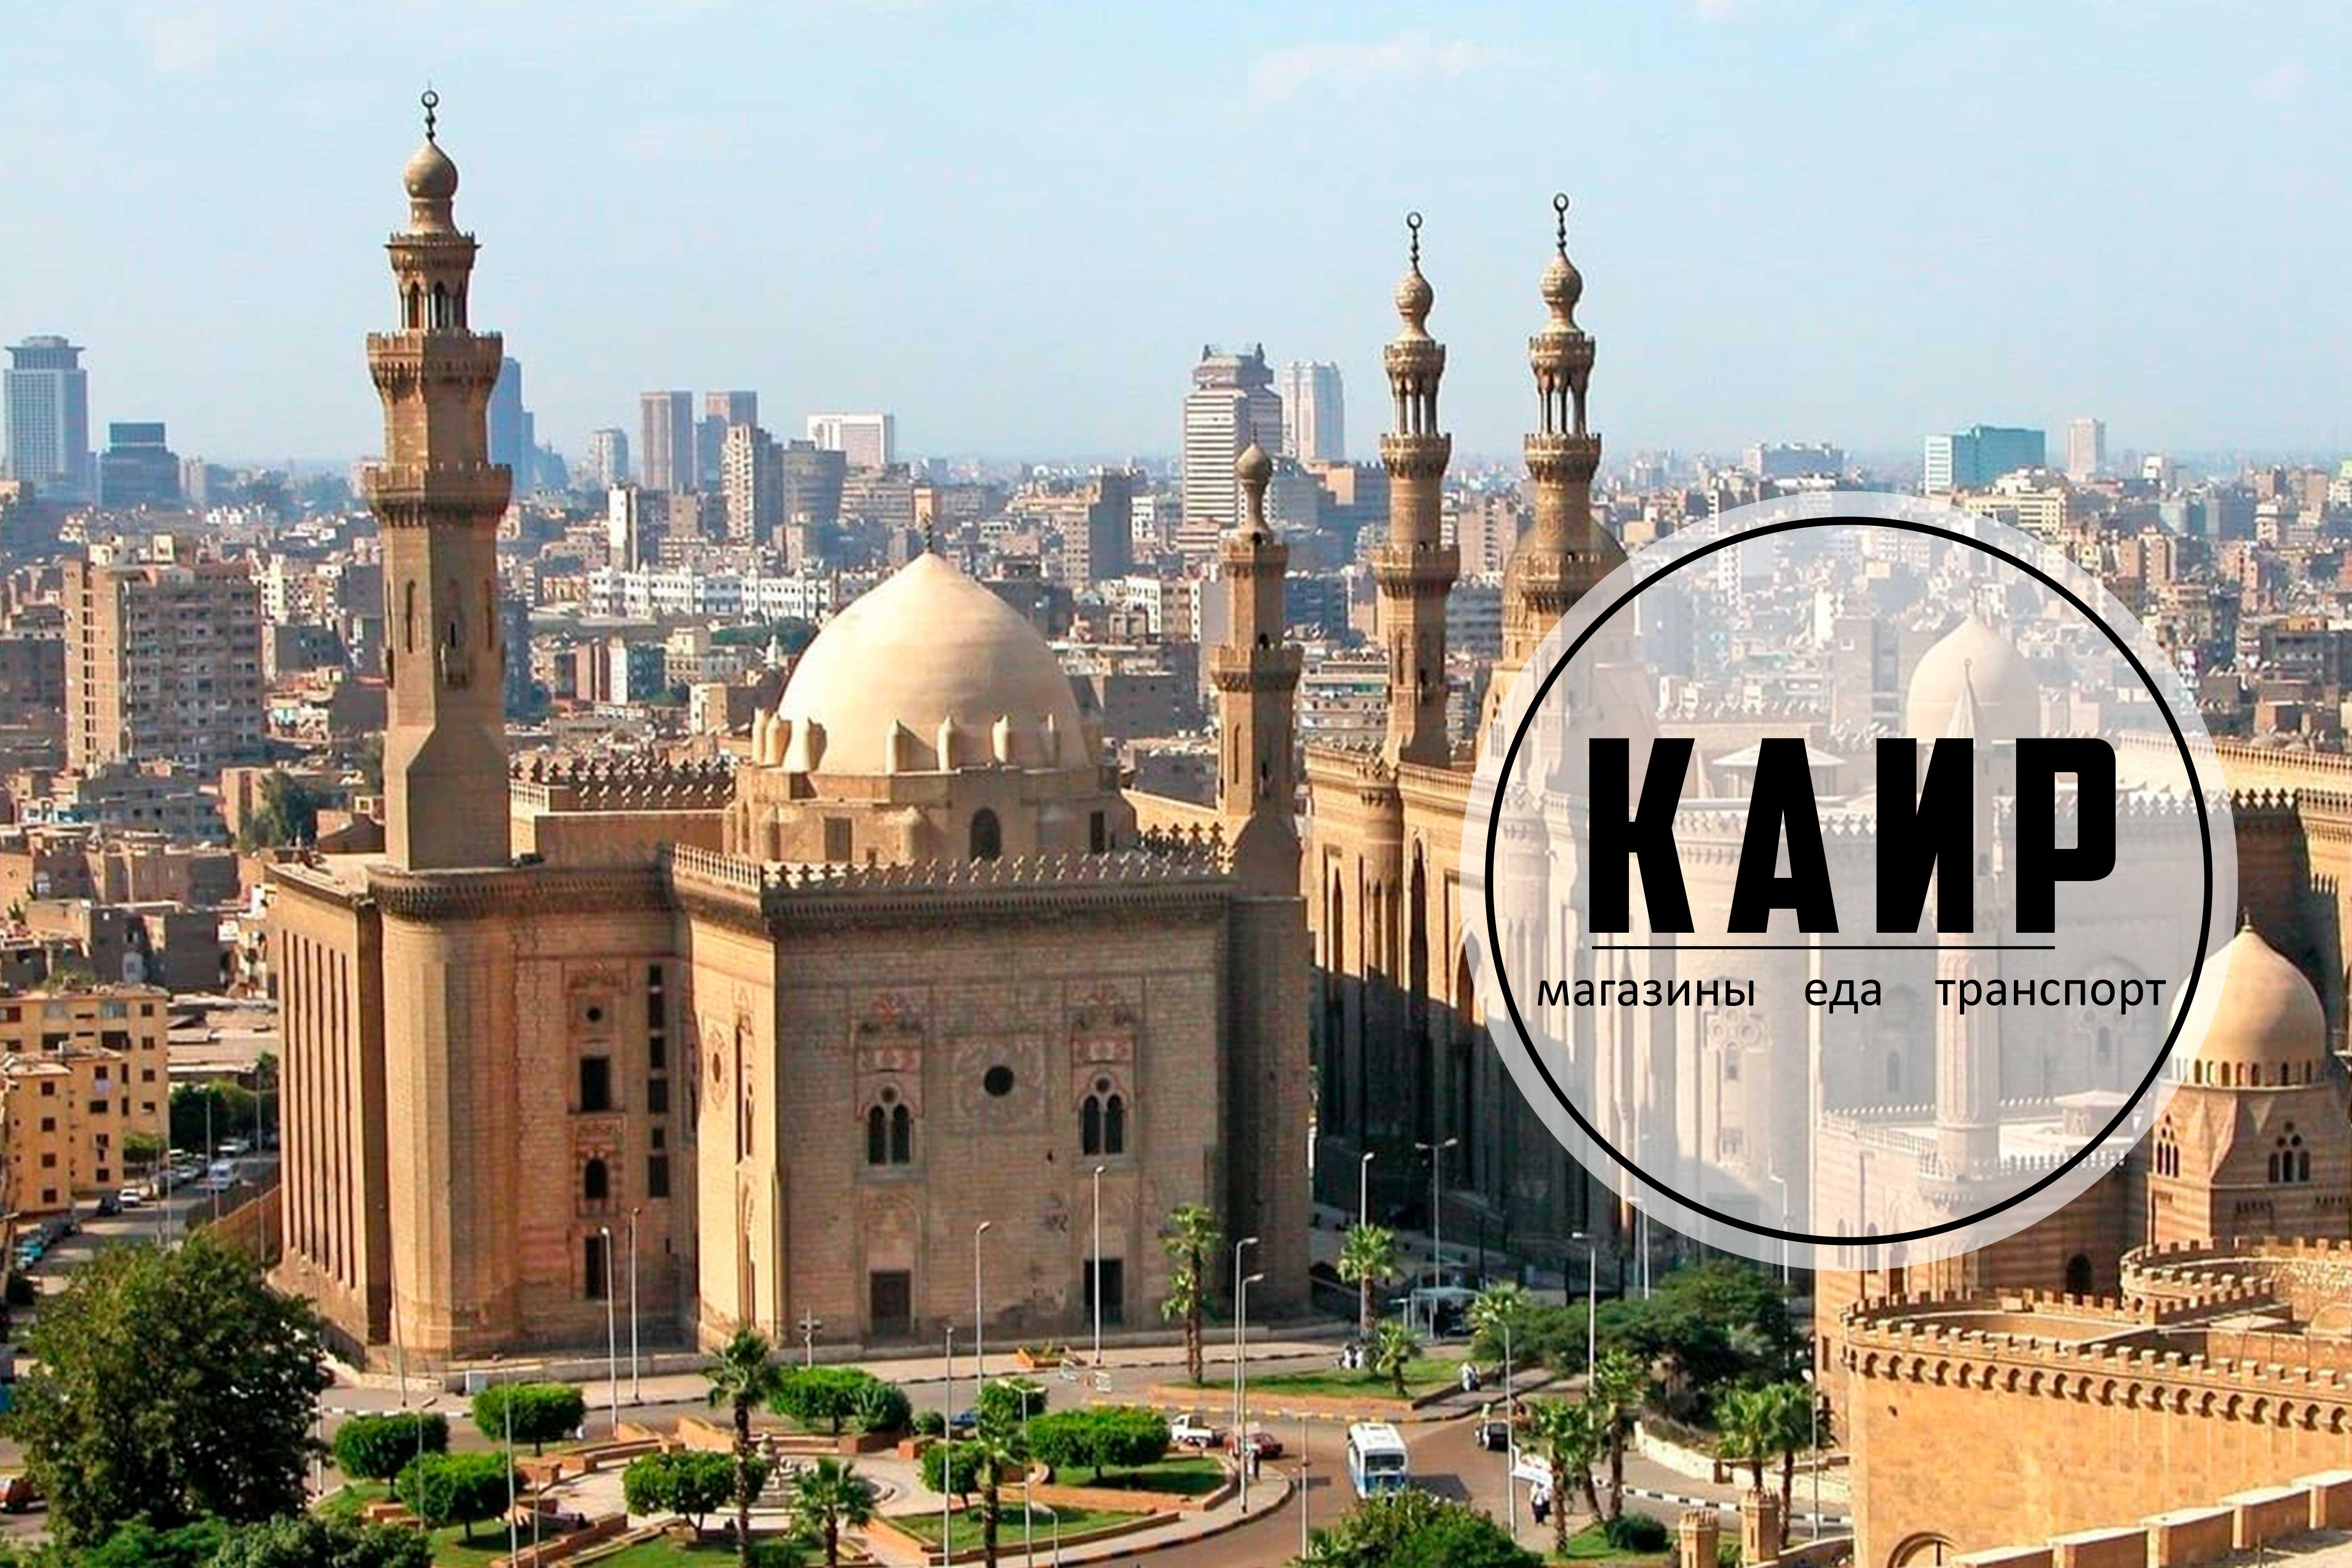 Отдых в Египте: что нужно знать об отдыхе в Каире